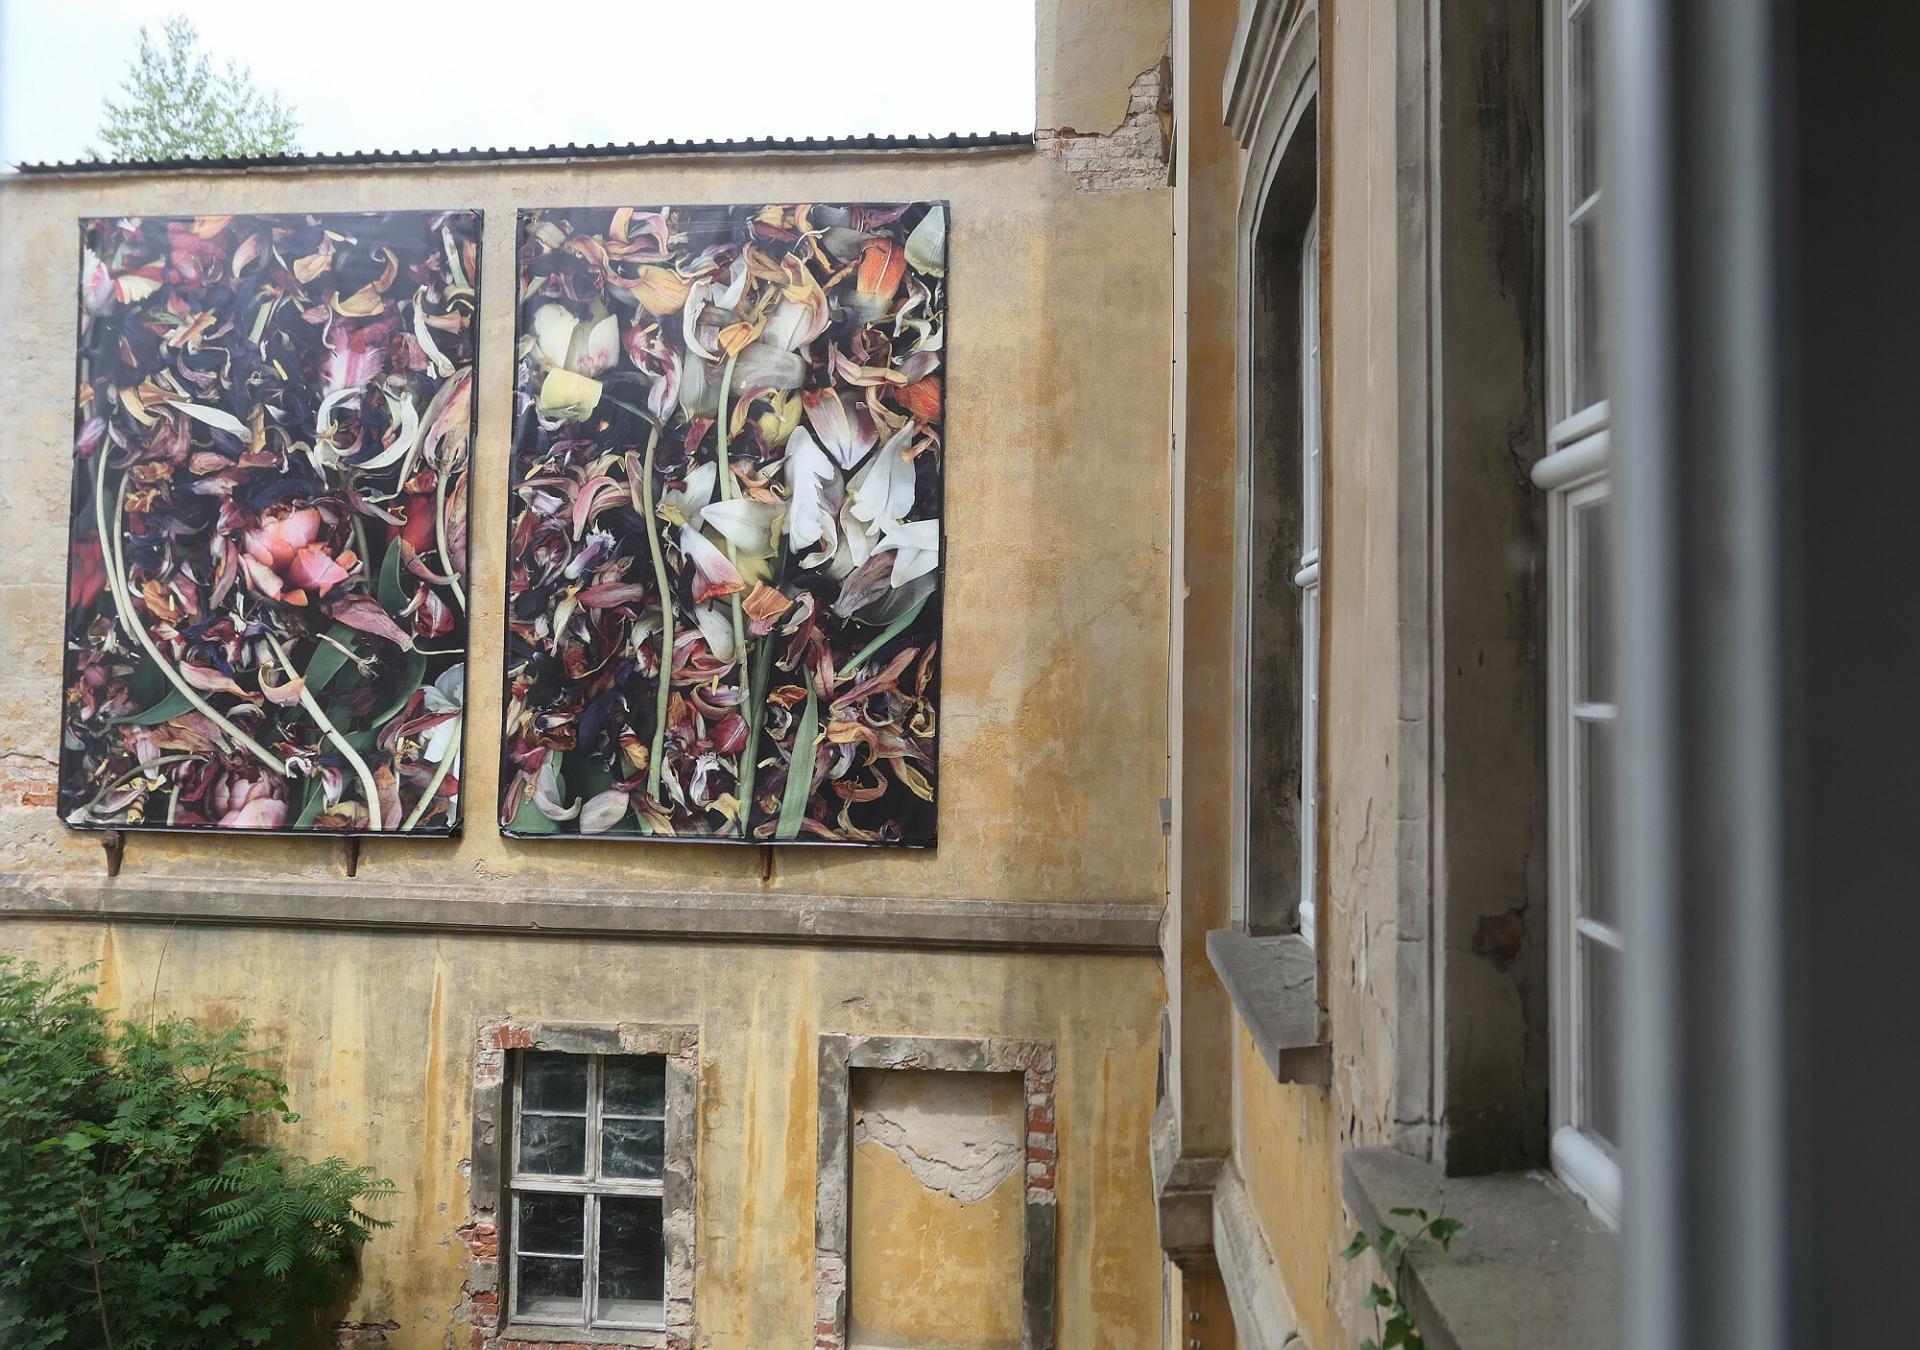 Blick auf eine Arbeit von Luzia Simons aus dem ersten Obergeschoss. Foto: Ingrid Hoberg